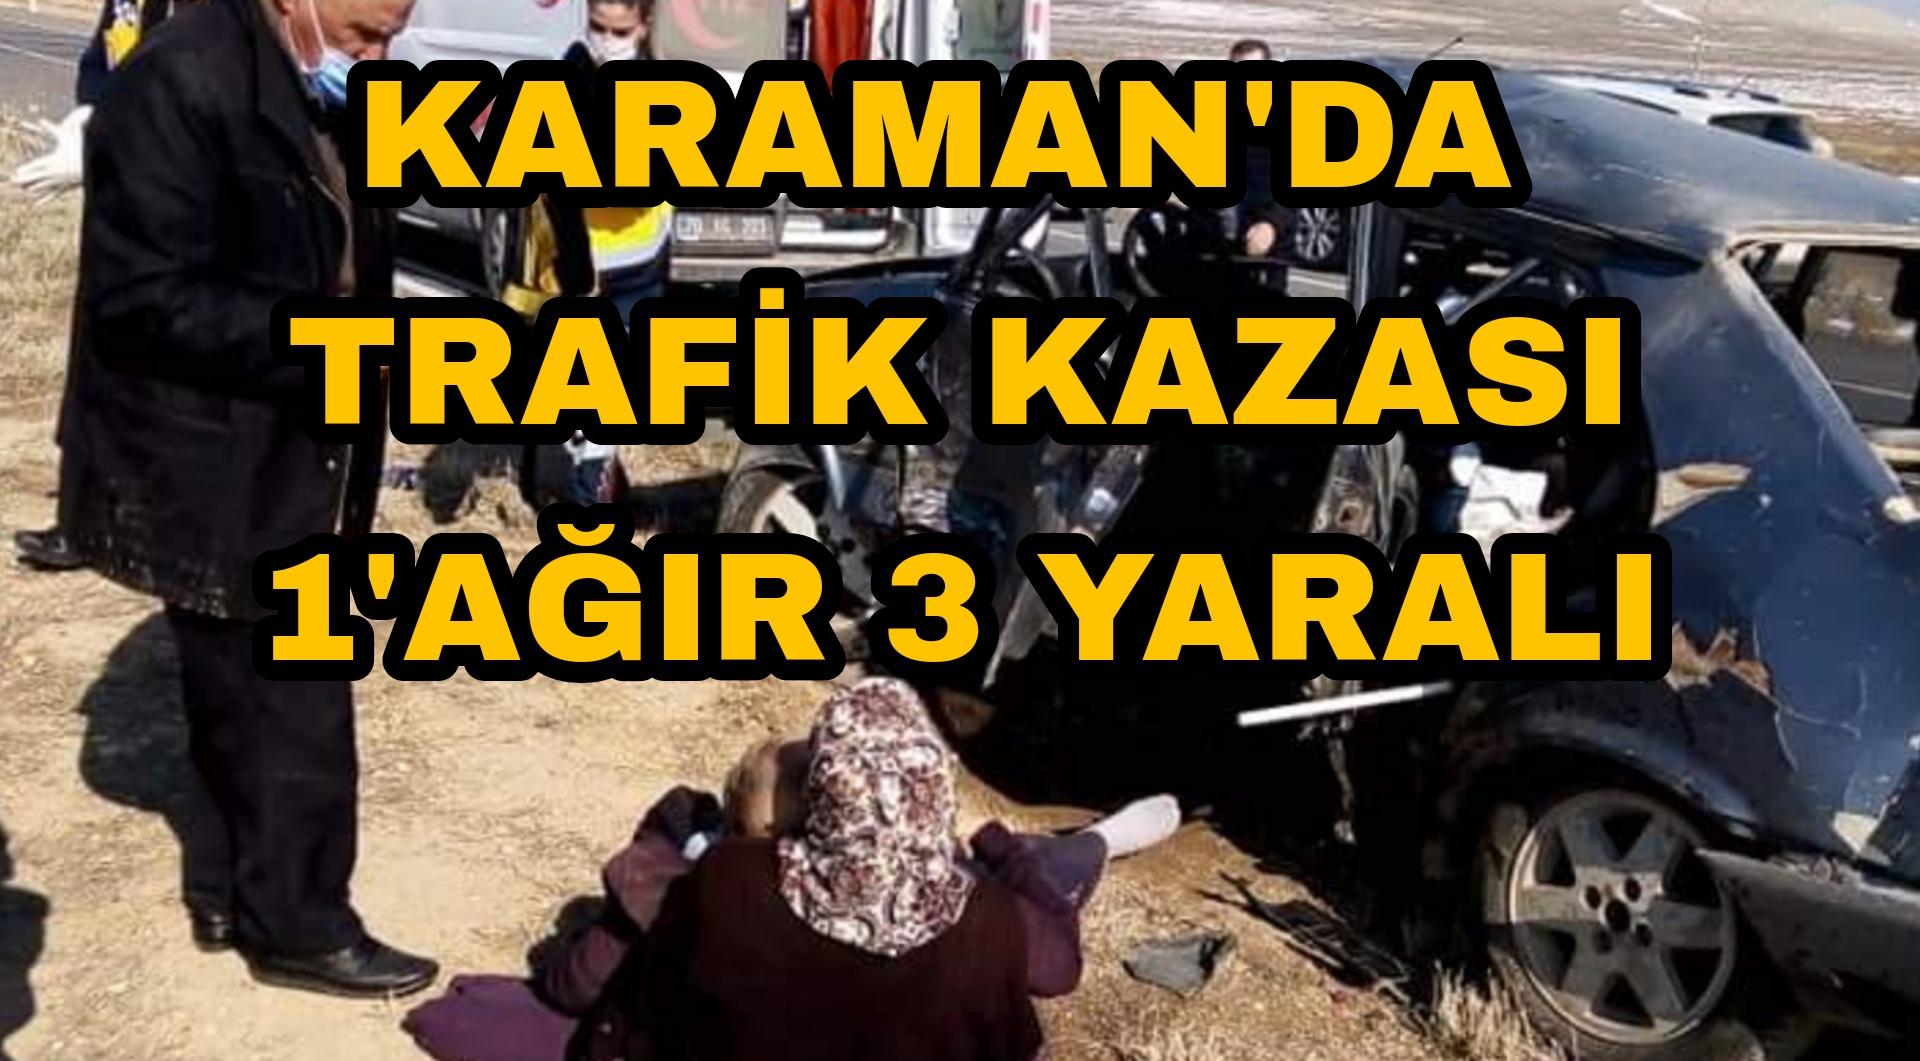 Karaman'da Köy yolunda otomobil ve kamyon çarpıştı : 1'i ağır 3 yaralı